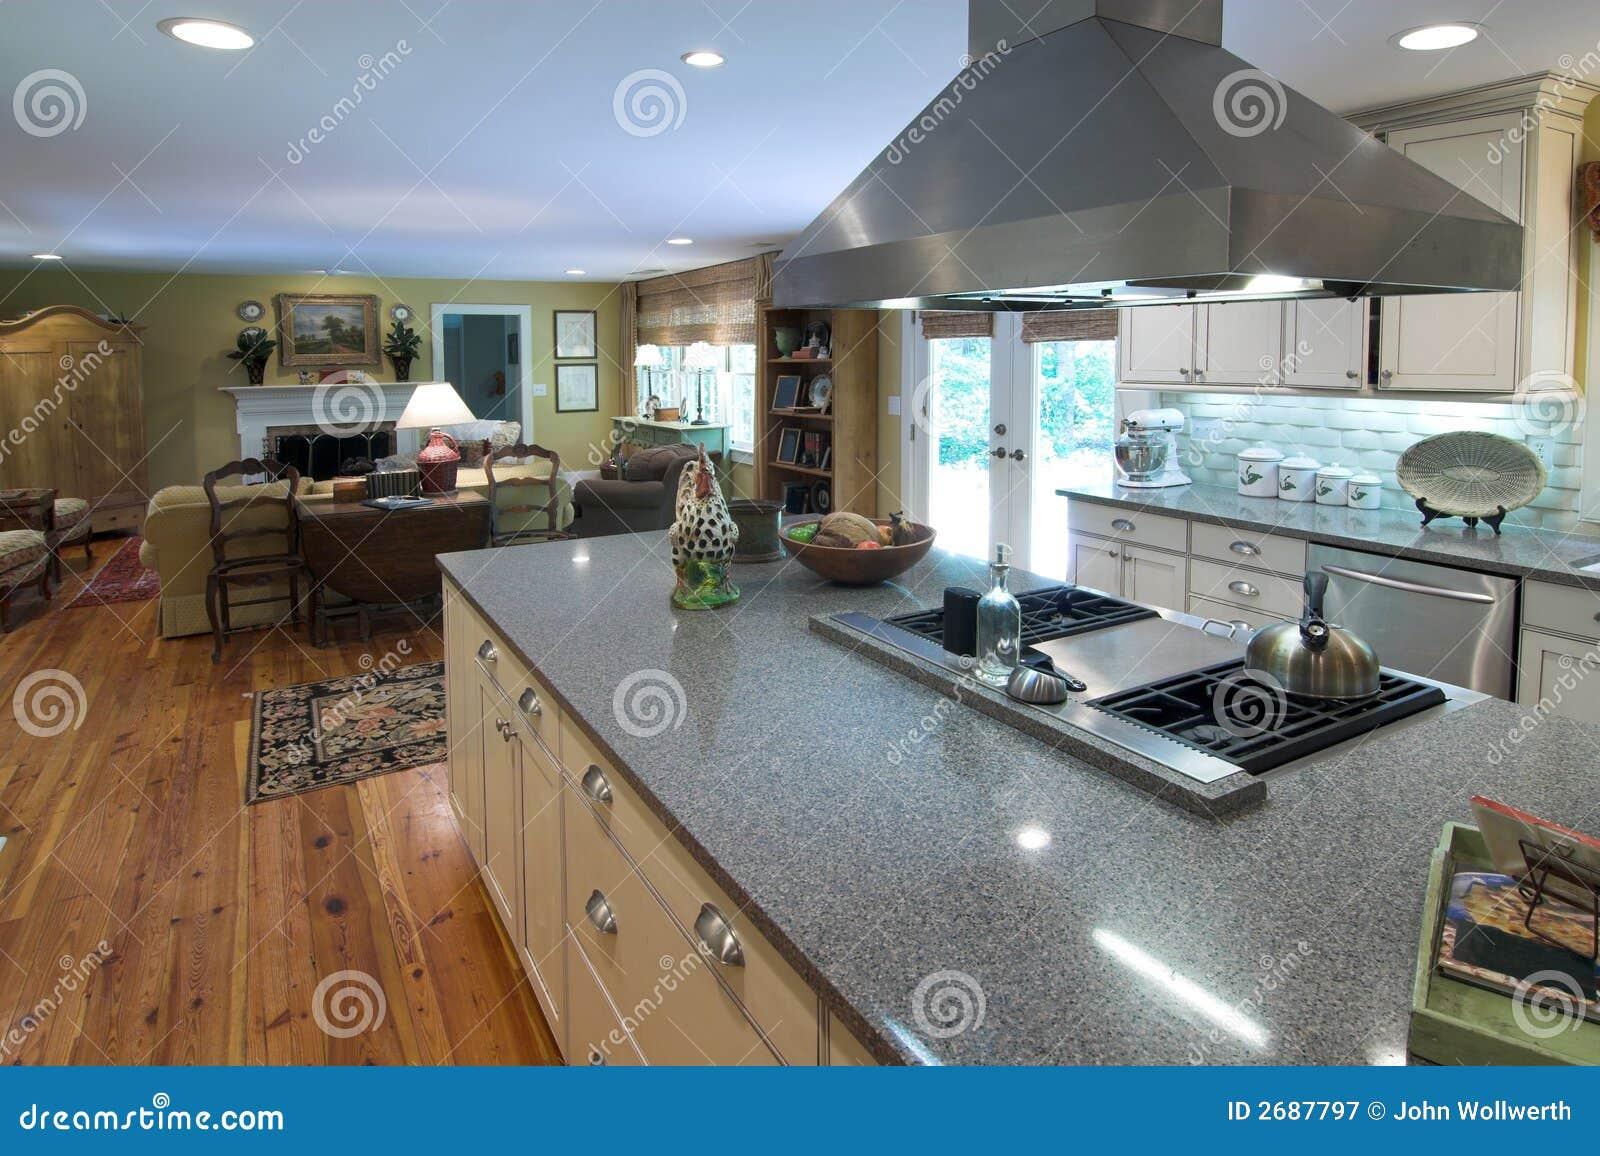 Cucina Di Lusso E Zona Vivente Immagine Stock - Immagine di stanza ...